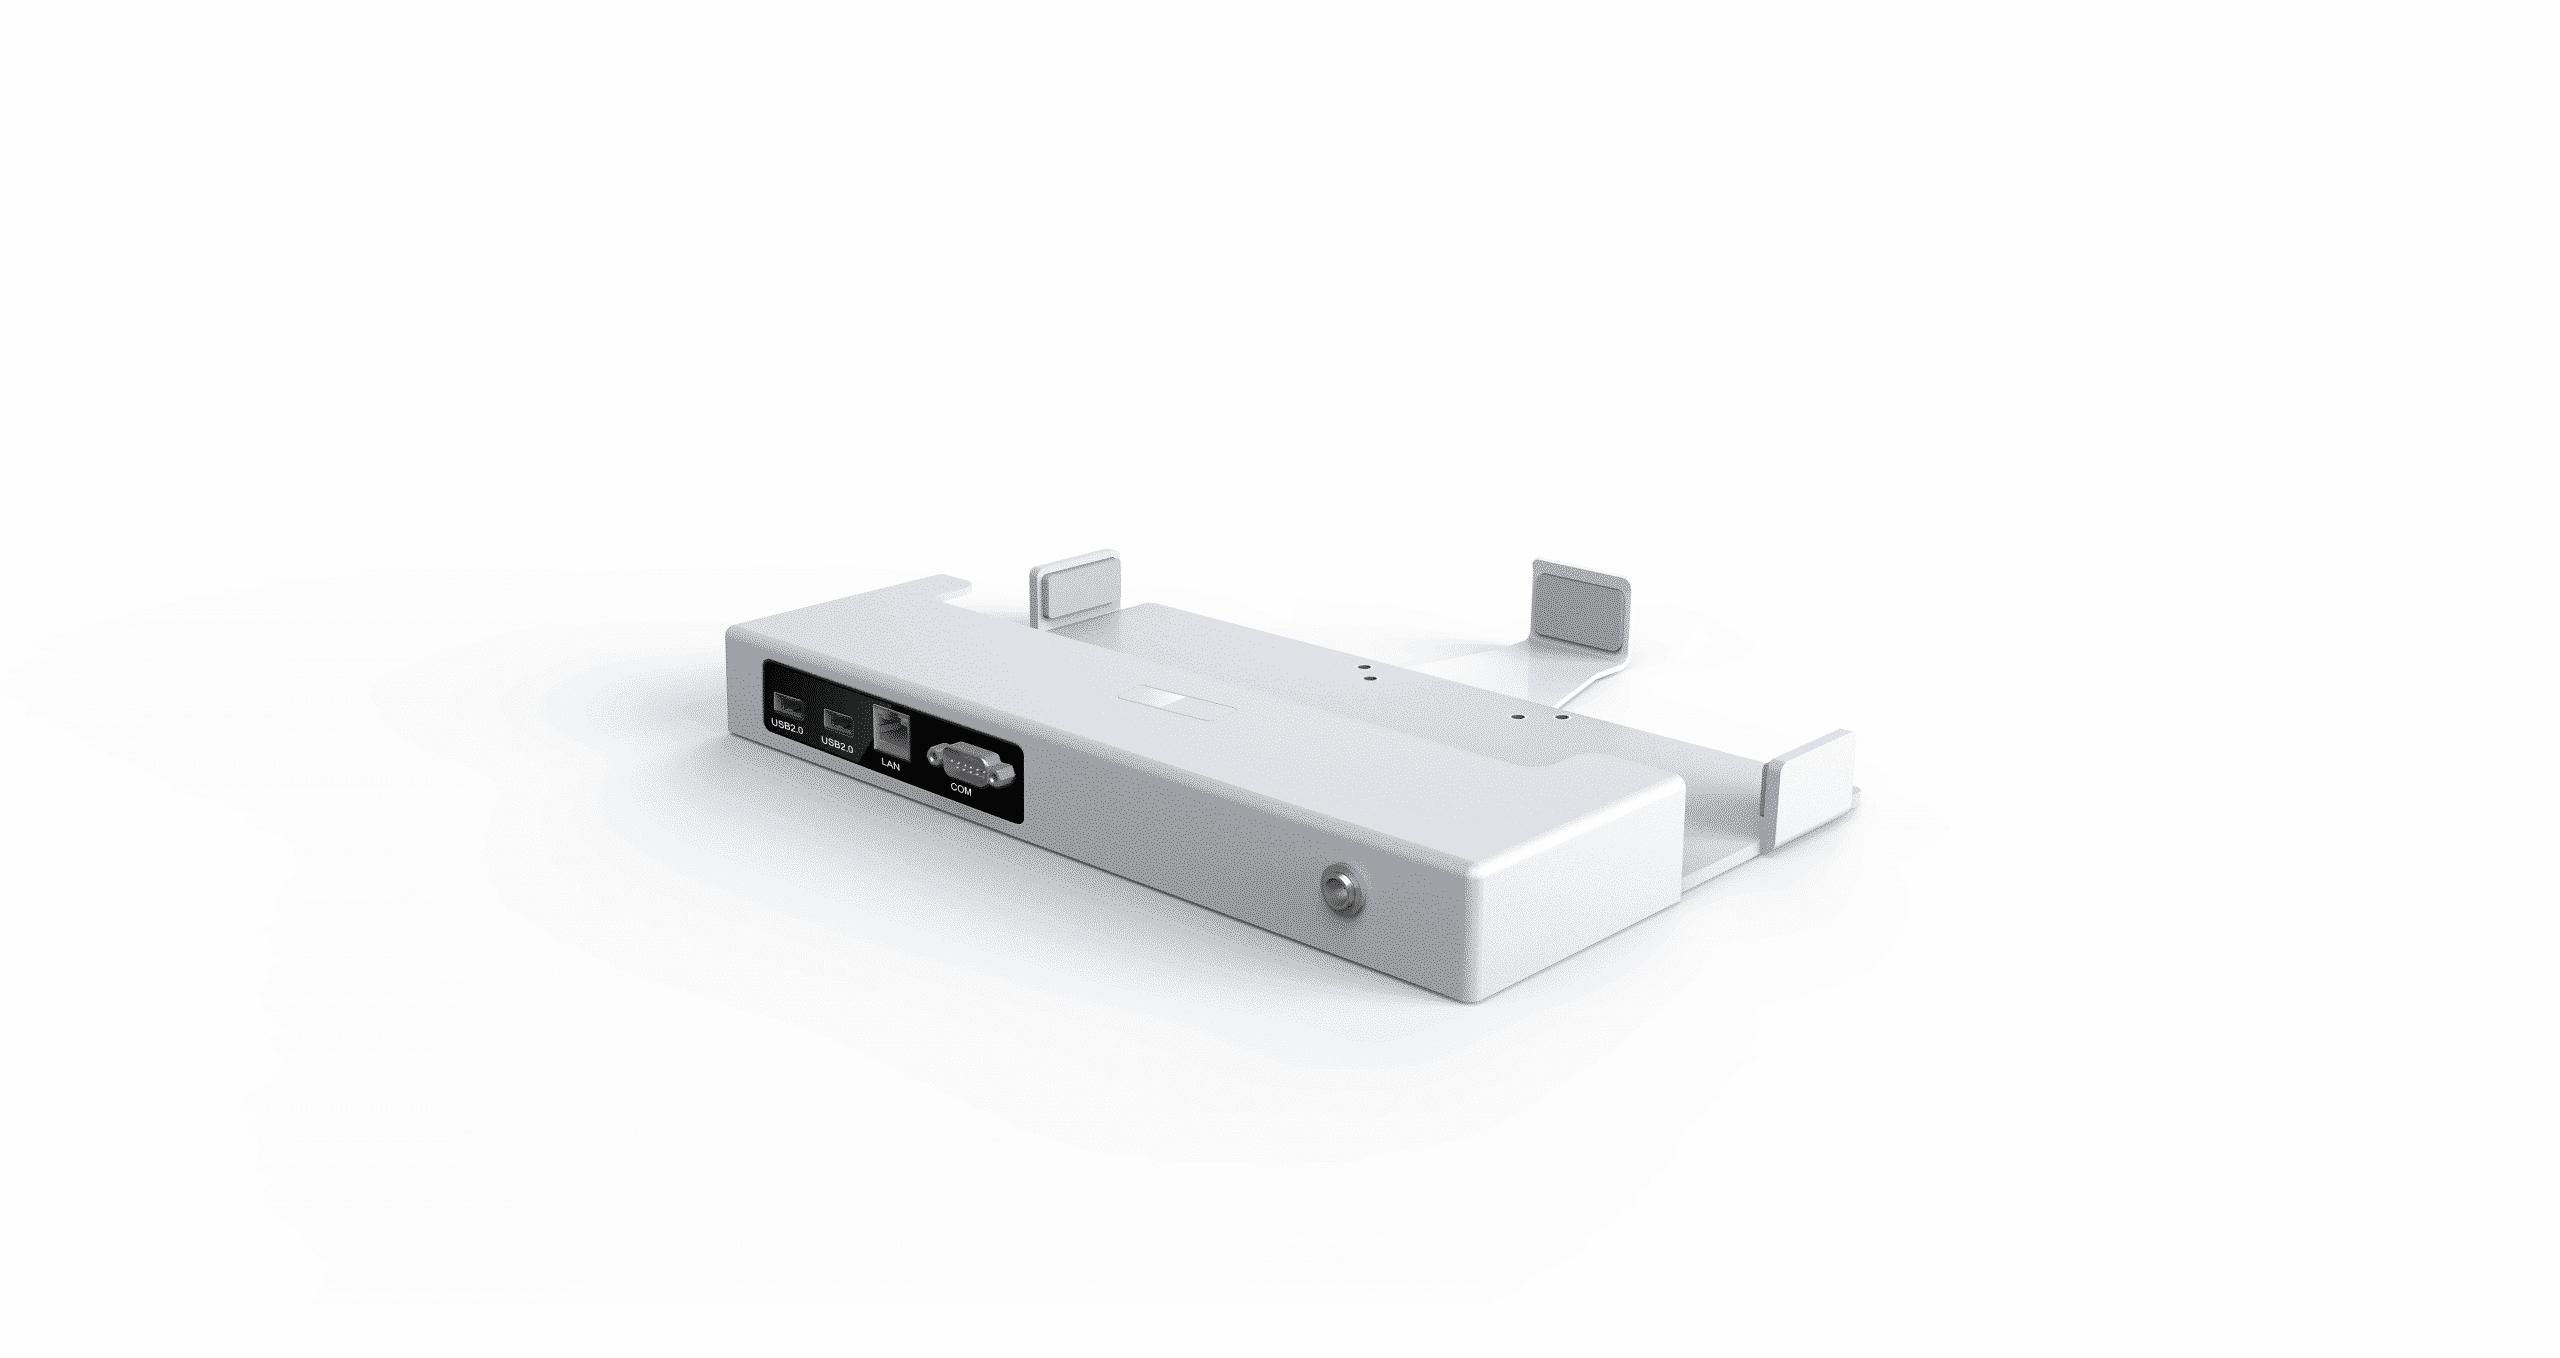 MD-100 Medical Grade Tablet Wall Dock